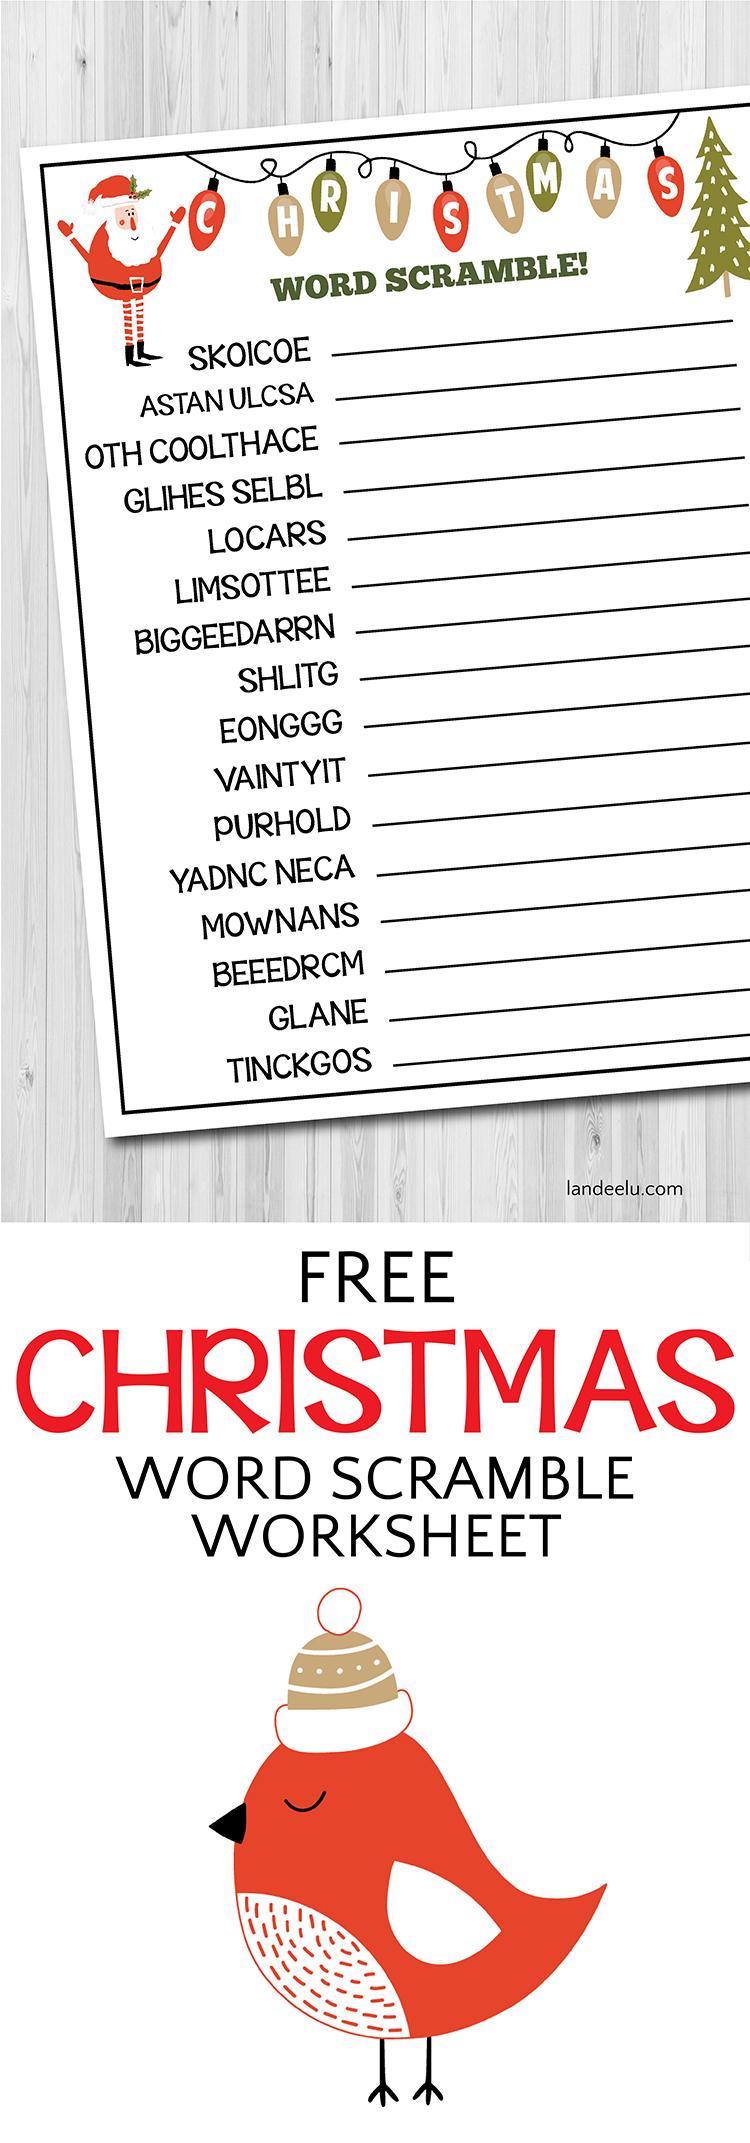 Christmas Worksheet: Word Scramble! - landeelu.com